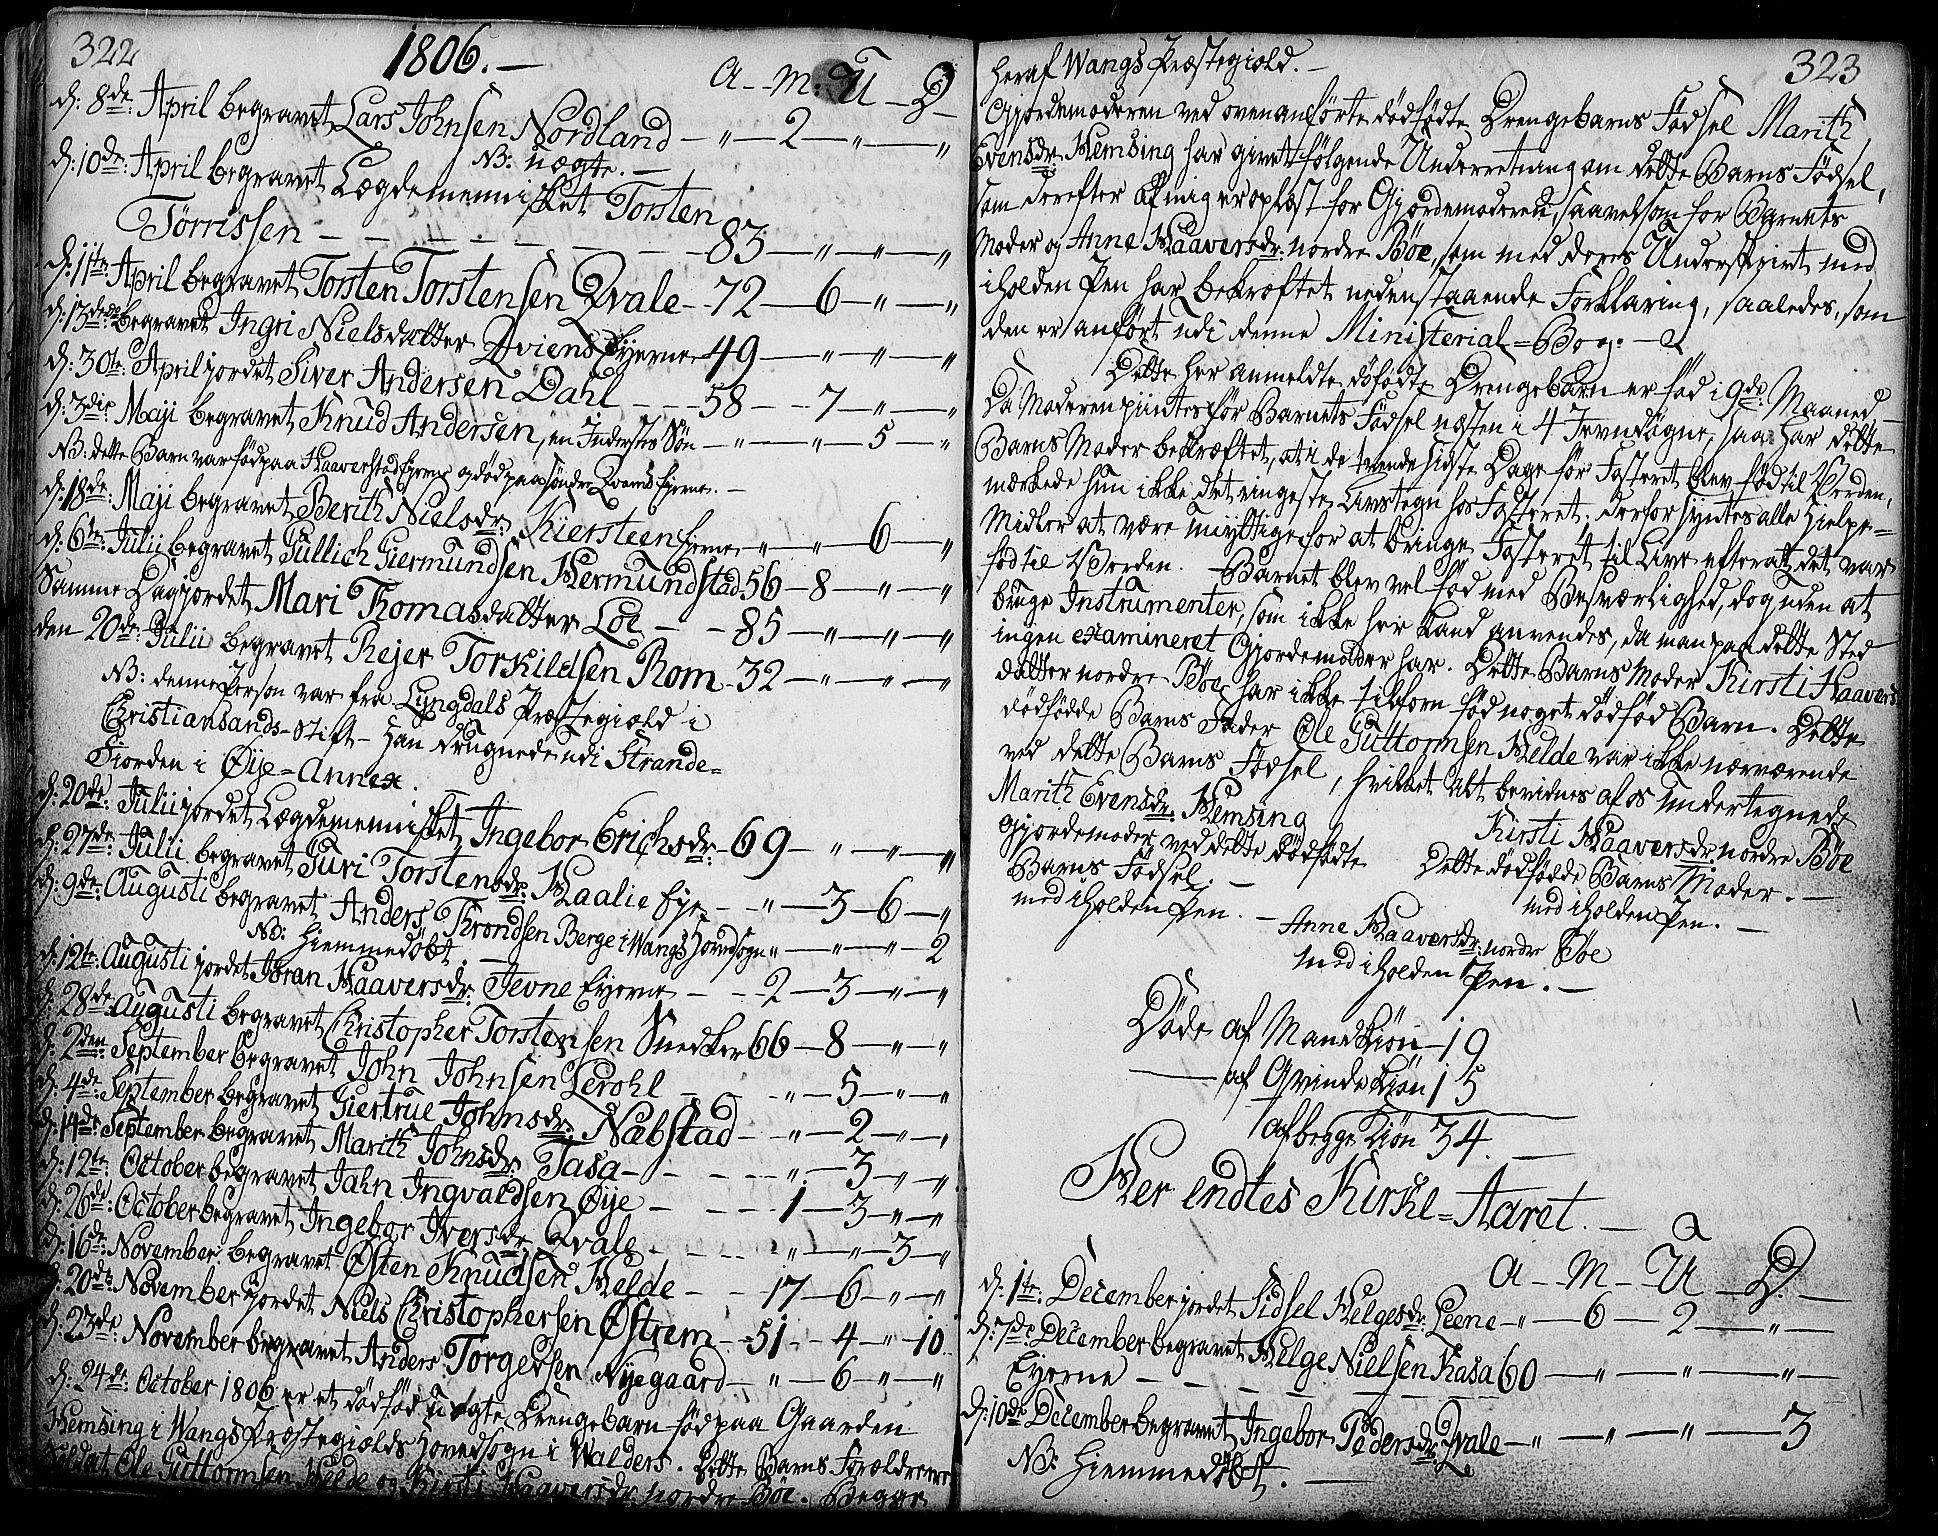 SAH, Vang prestekontor, Valdres, Ministerialbok nr. 2, 1796-1808, s. 322-323